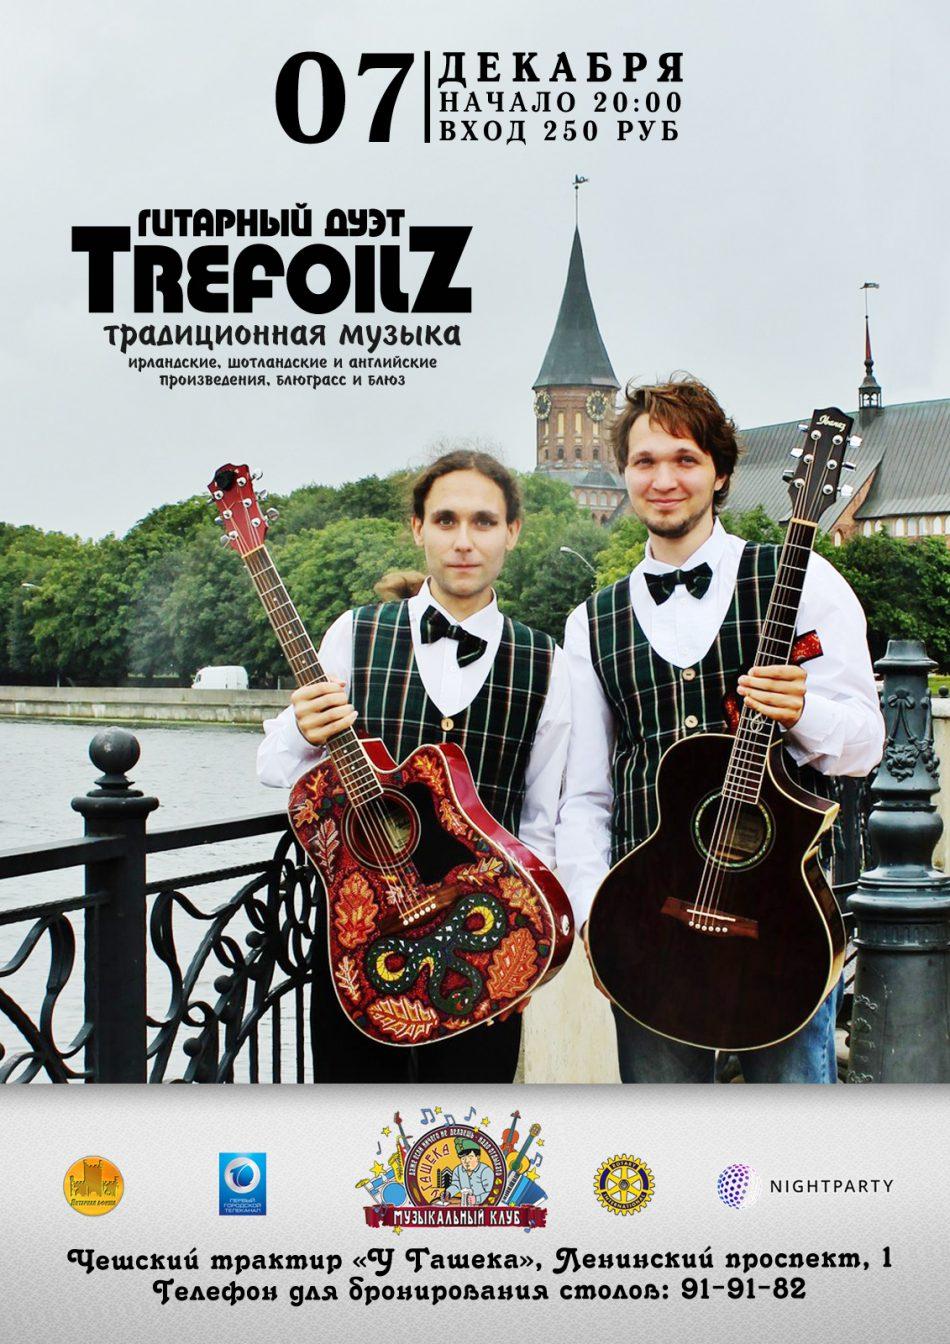 Гитарный дуэт — TrefoilZ